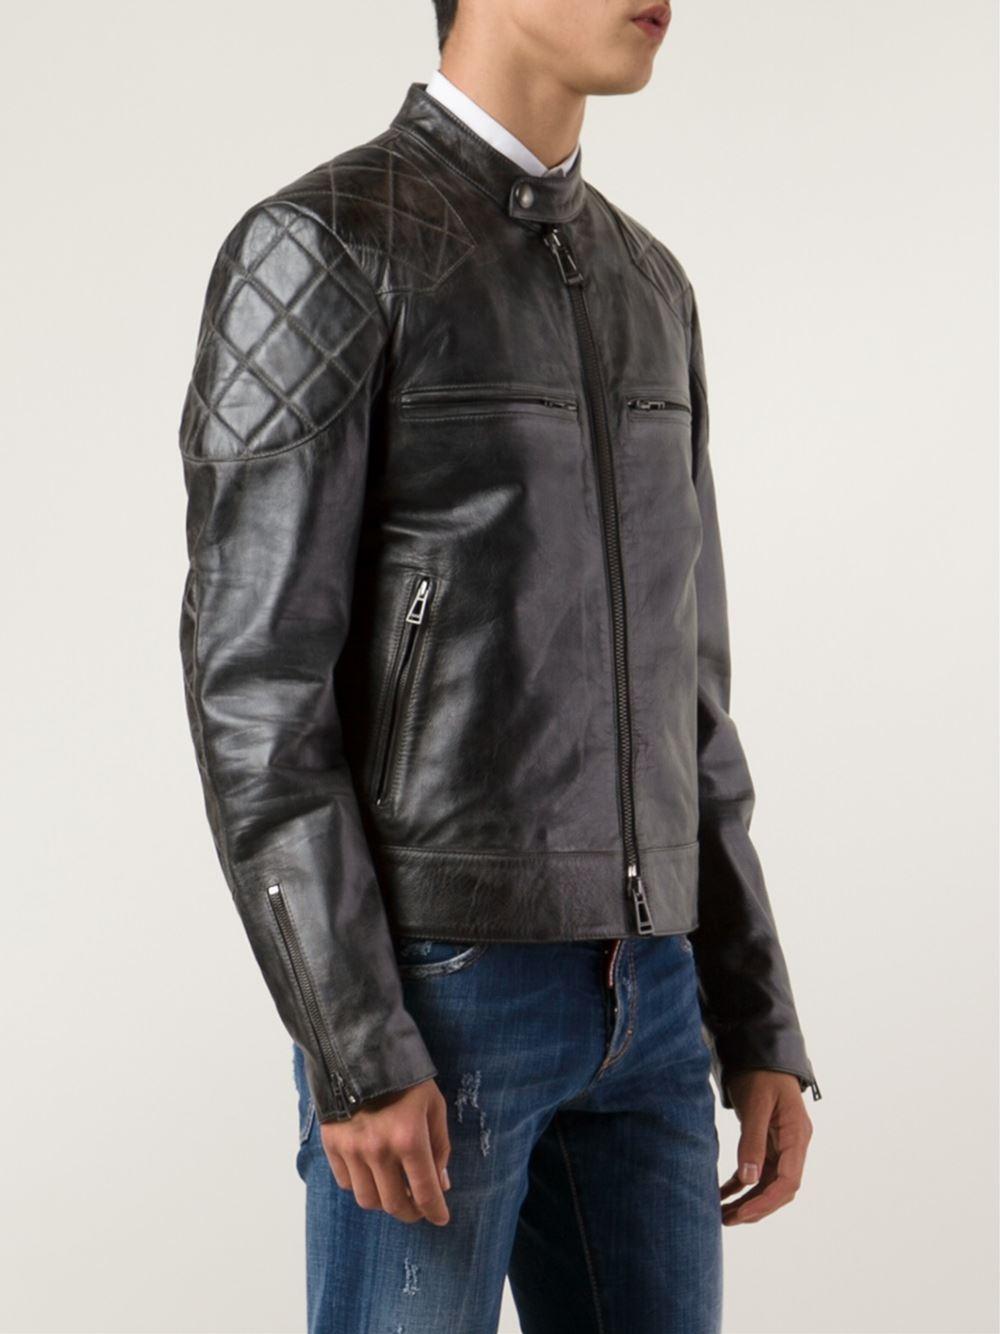 Black friday leather jacket sale – Modern fashion jacket photo blog